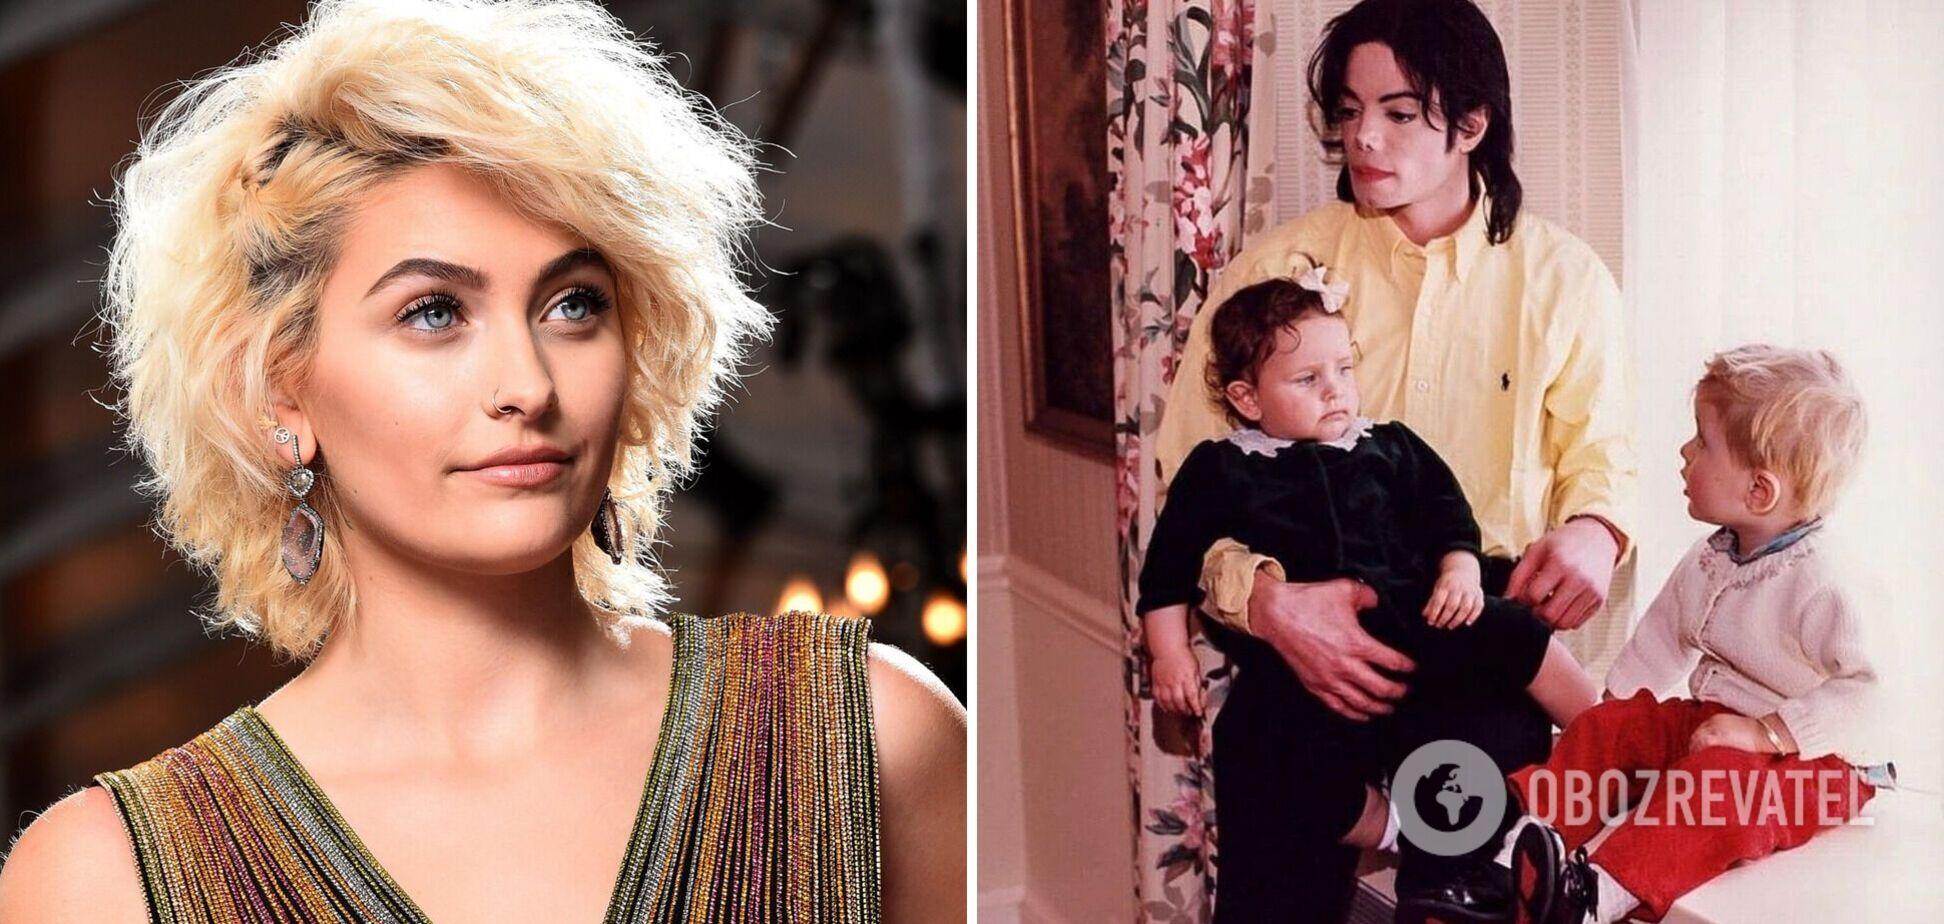 Як зараз живе донька Майкла Джексона: спроби самогубства і розрив стосунків з мамою